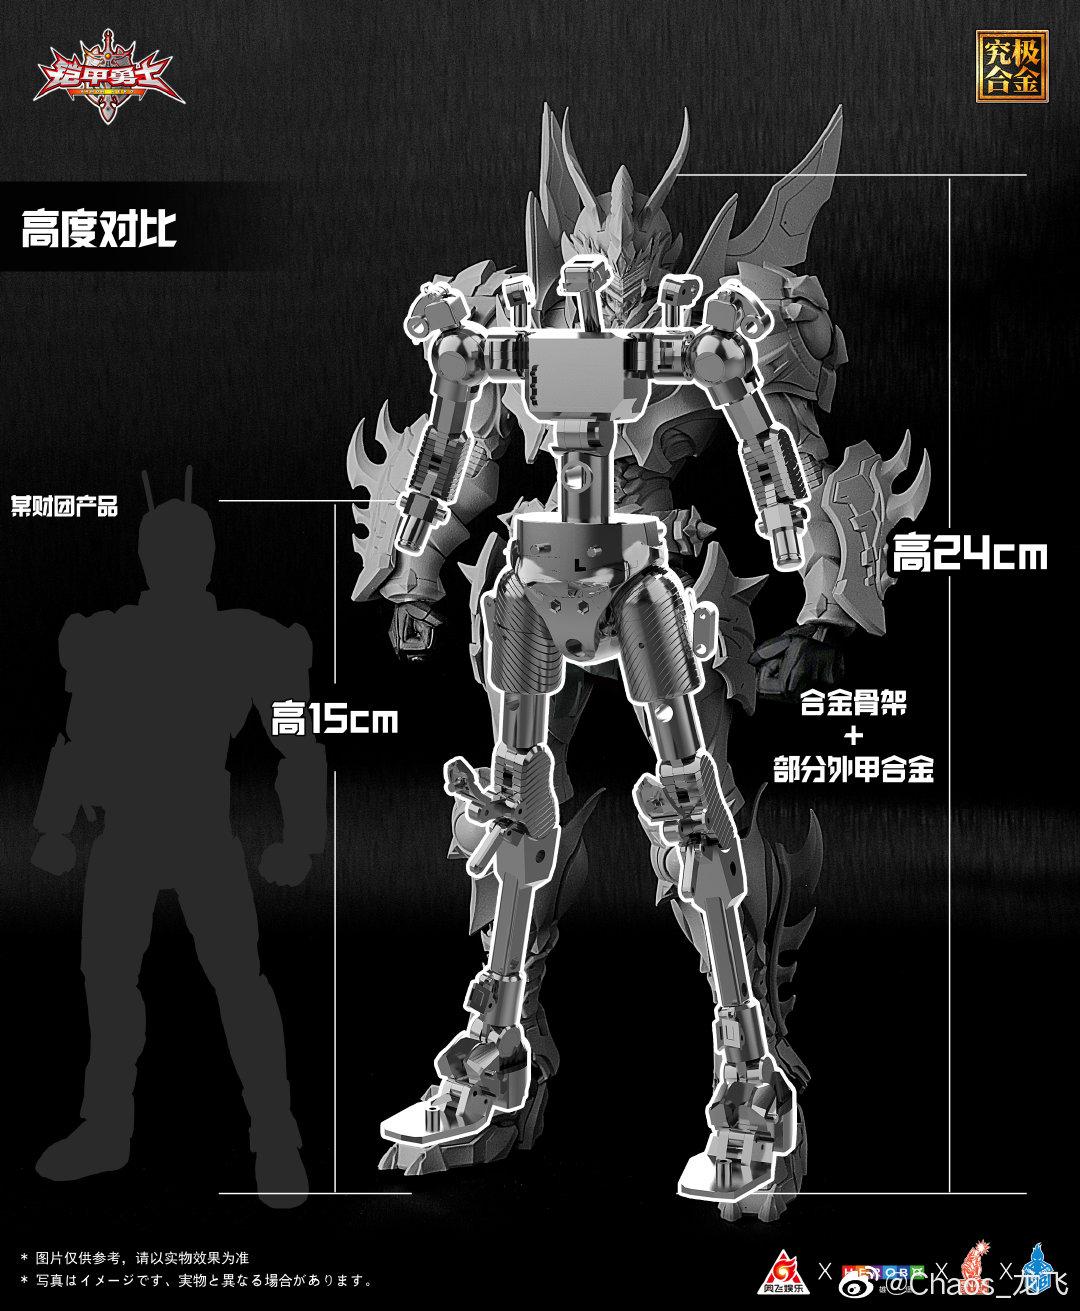 S536_snap_Armor_hero_Emperor_enryu_014.jpg